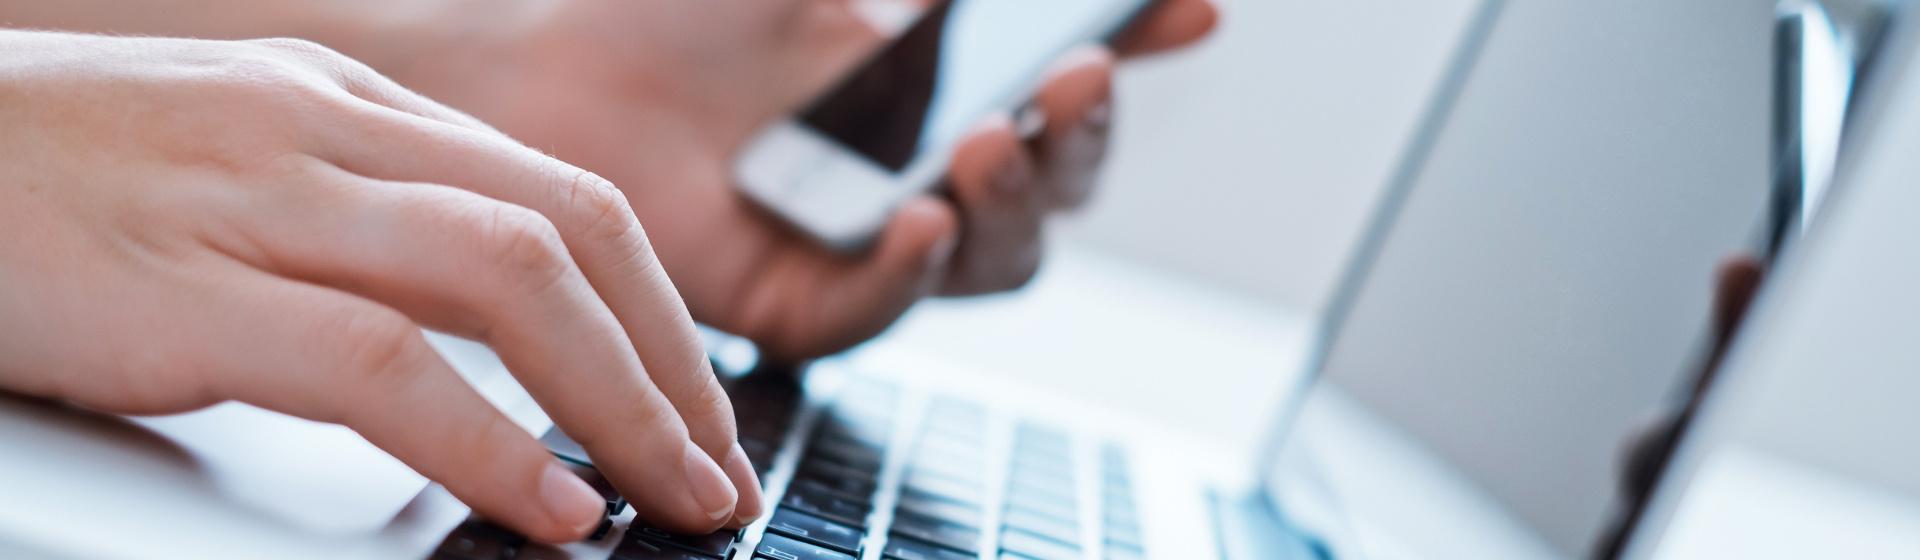 Online-Terminbuchung kostenfrei für 1 Jahr